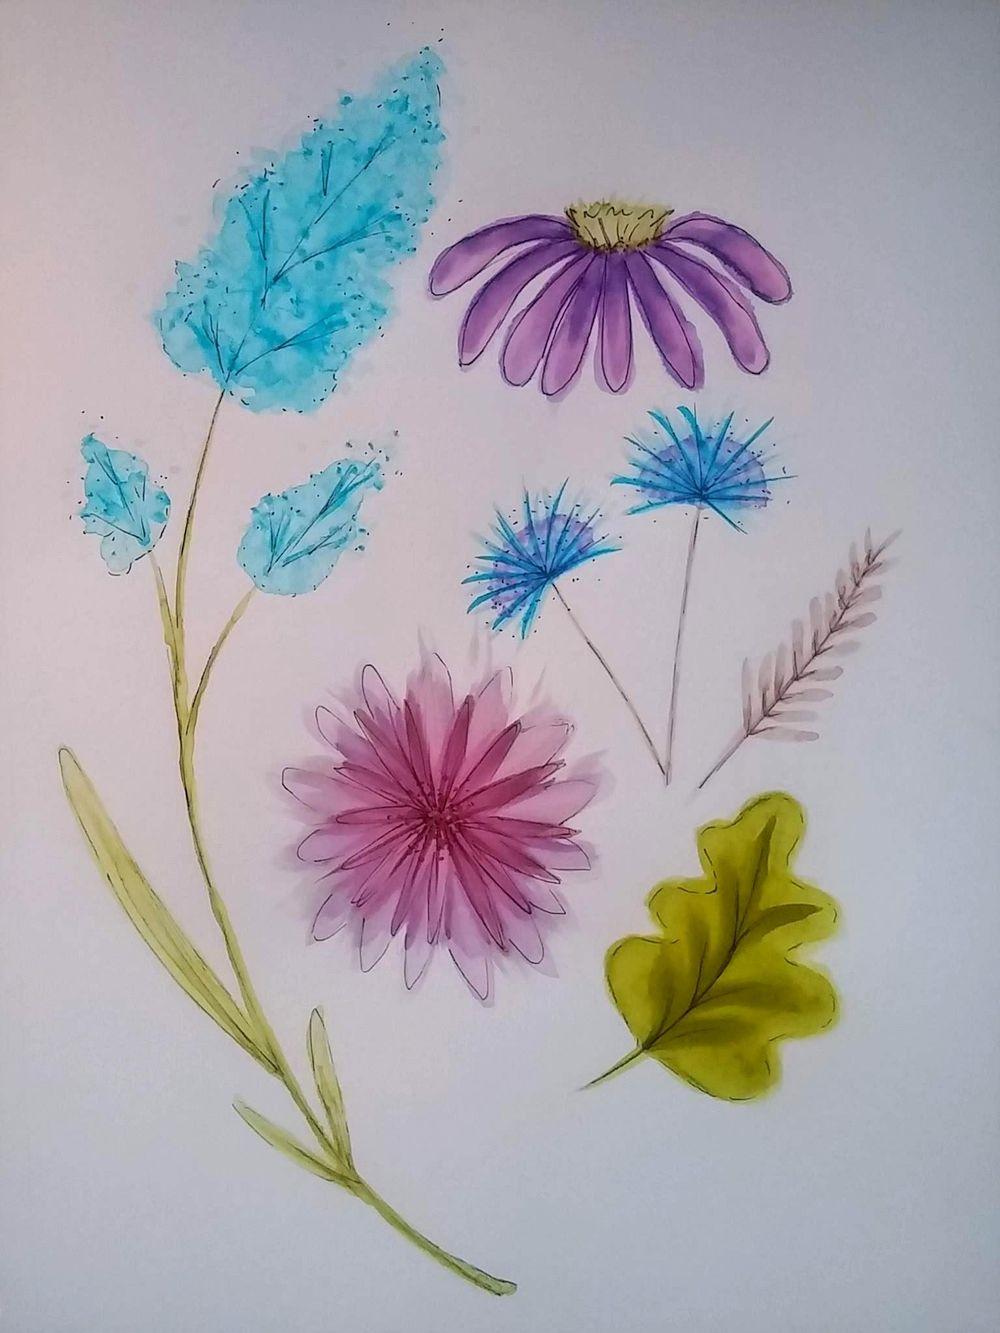 floral bouquet and flat arrangement - image 2 - student project